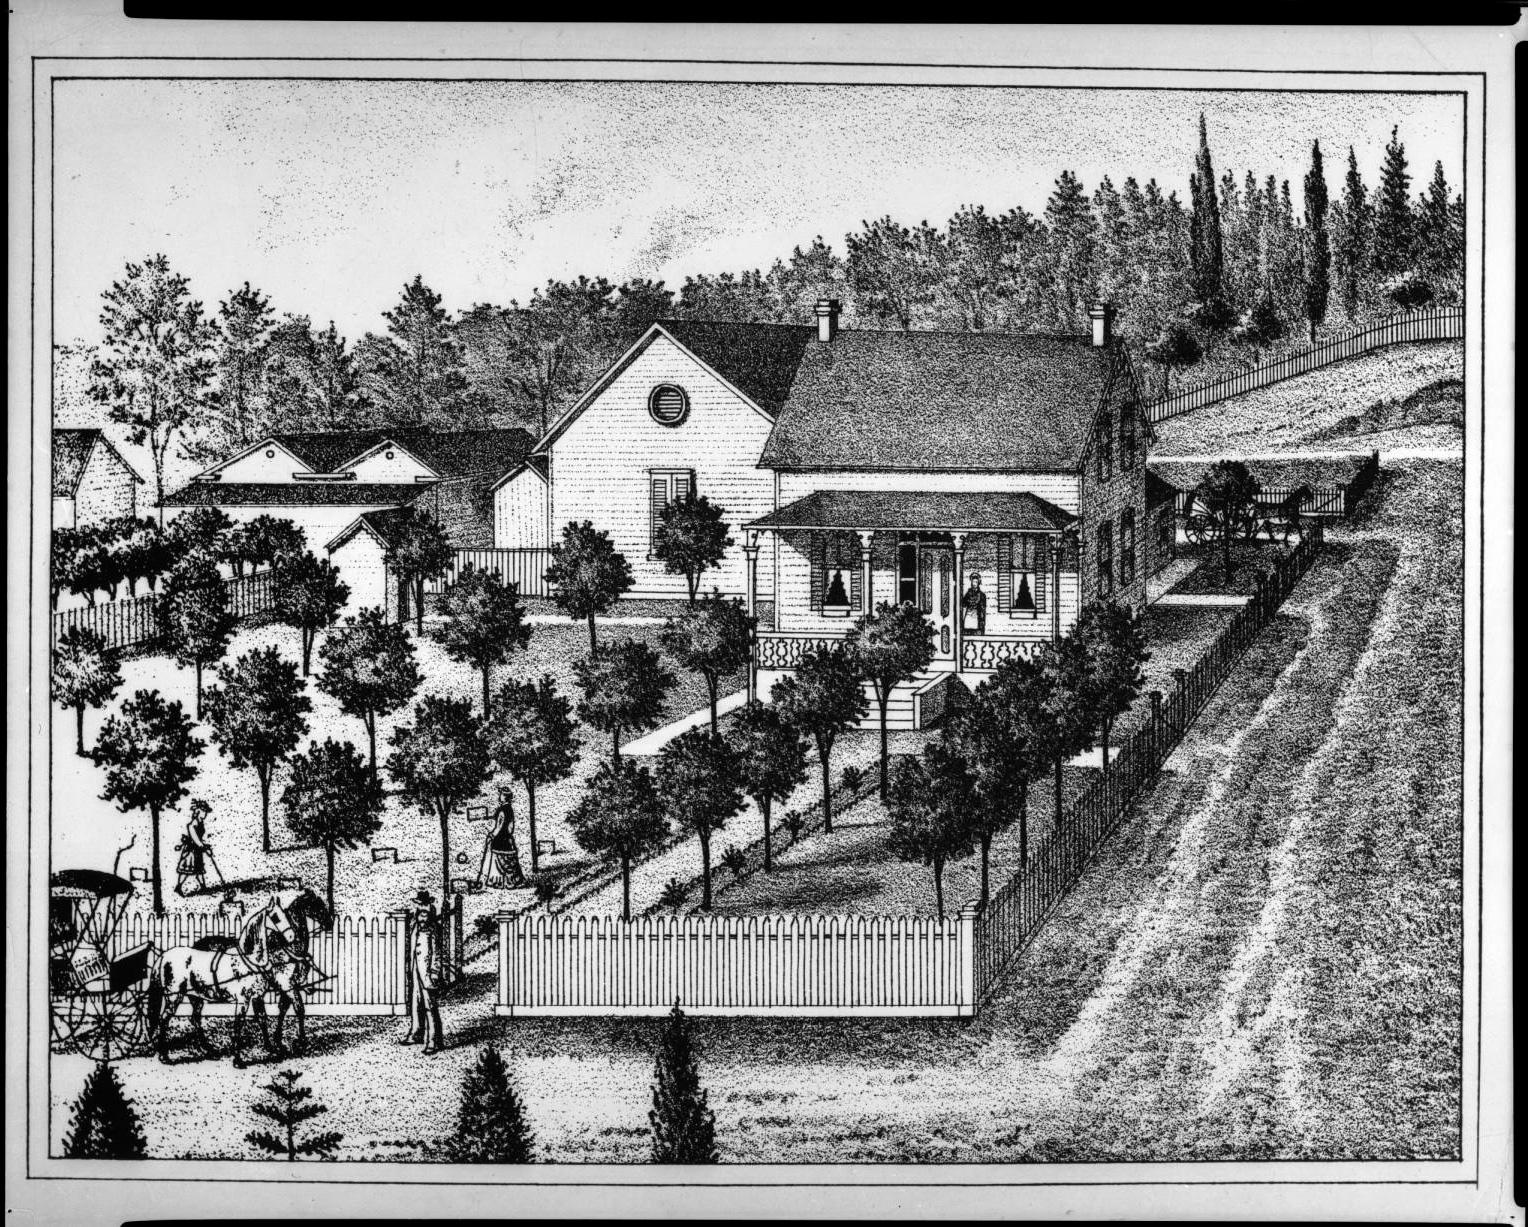 The Nadeau House